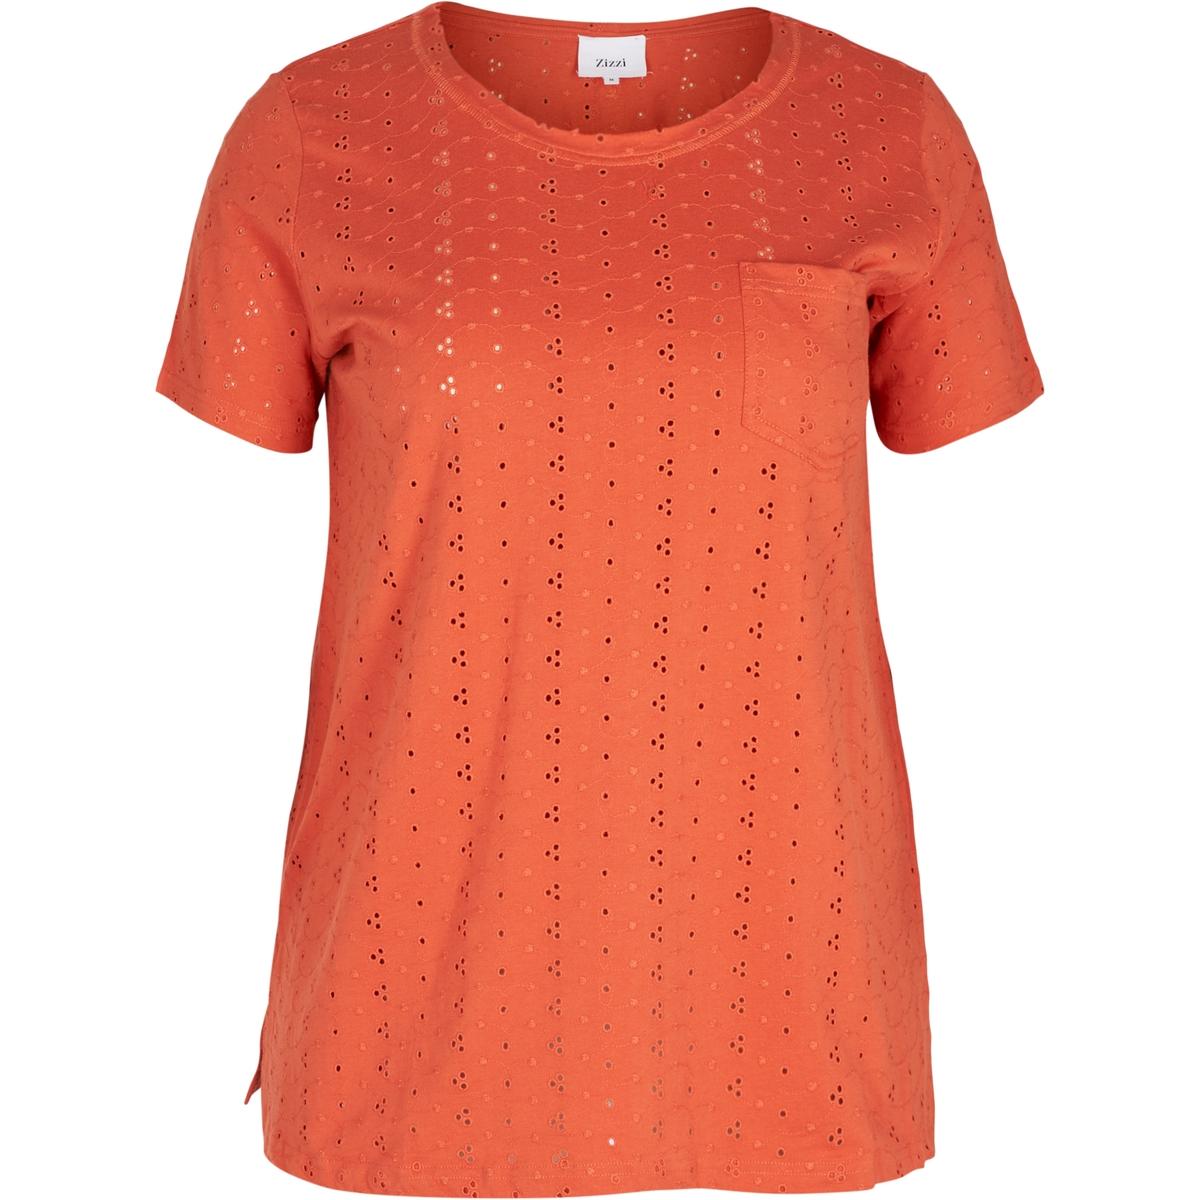 Футболка однотонная с круглым вырезом и короткими рукавами футболка с круглым вырезом и короткими рукавами